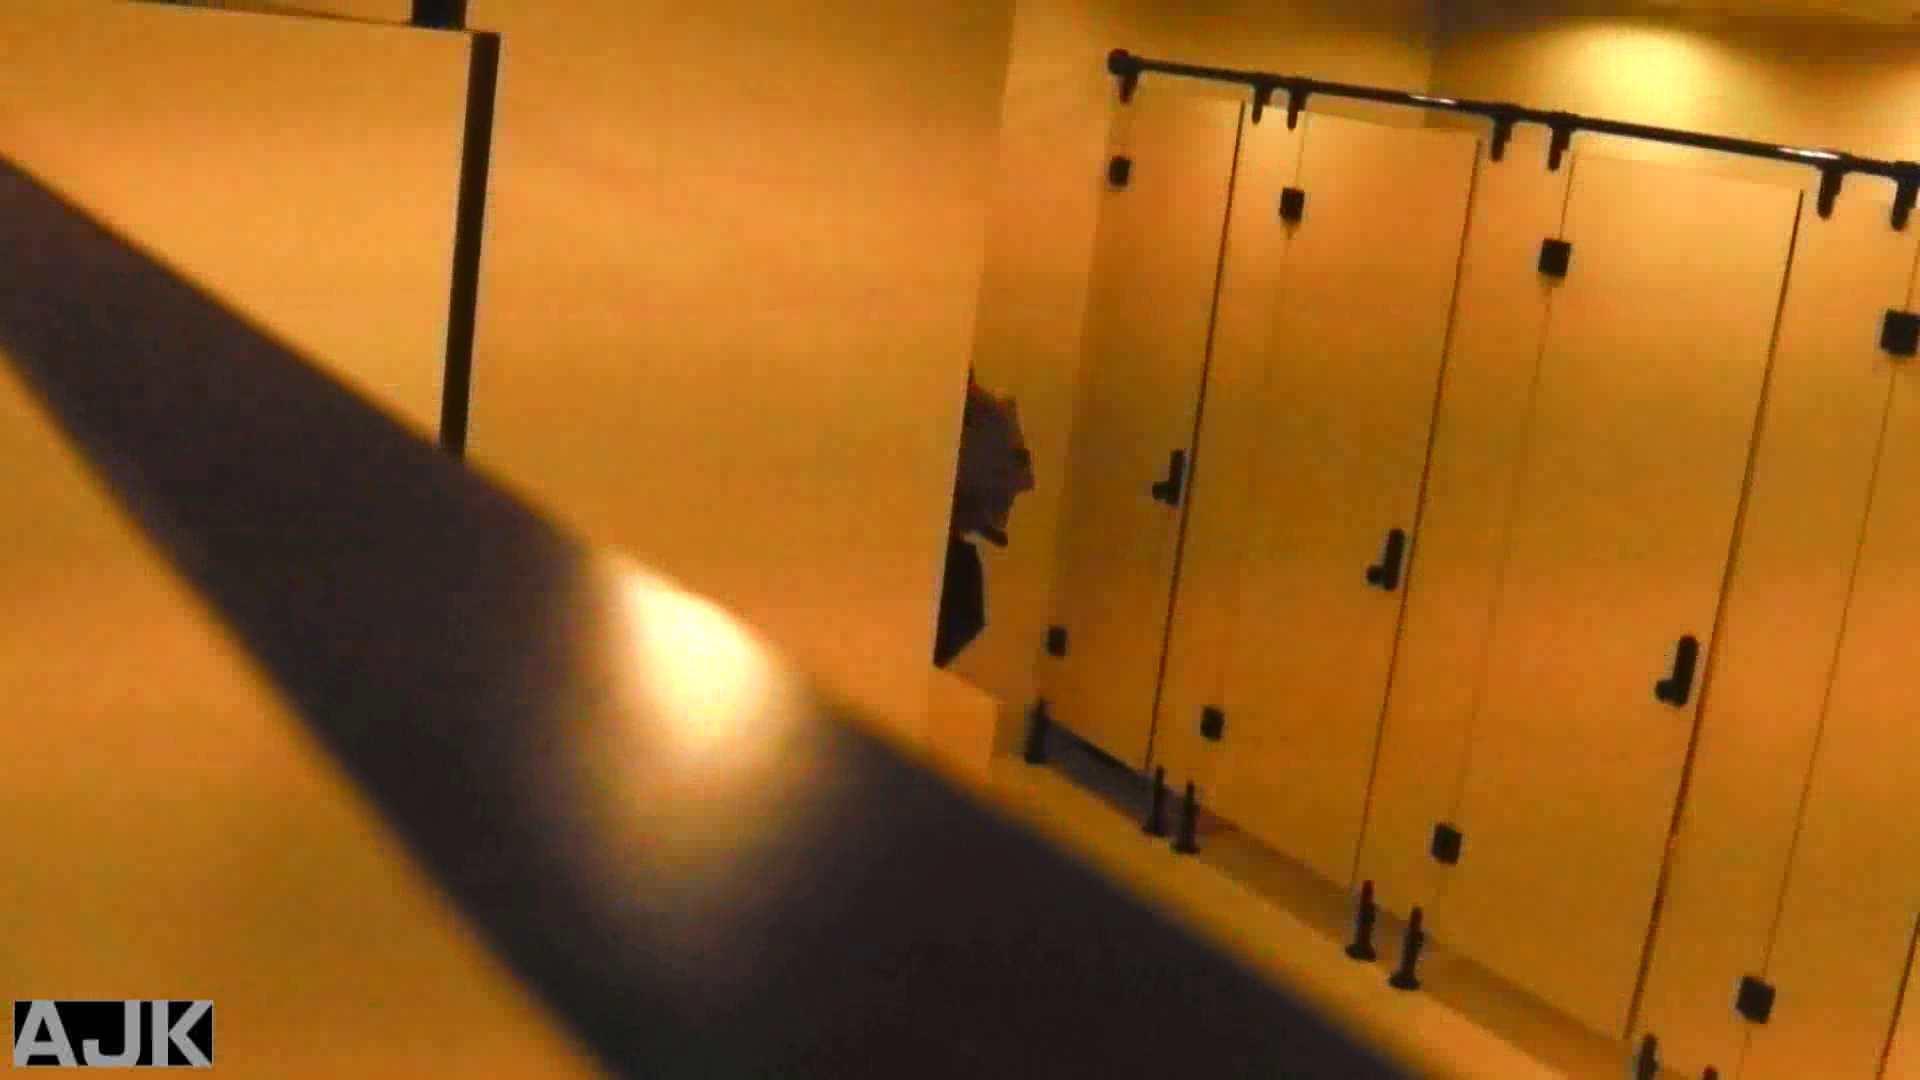 隣国上階級エリアの令嬢たちが集うデパートお手洗い Vol.11 盗撮・必見 オマンコ無修正動画無料 28画像 14